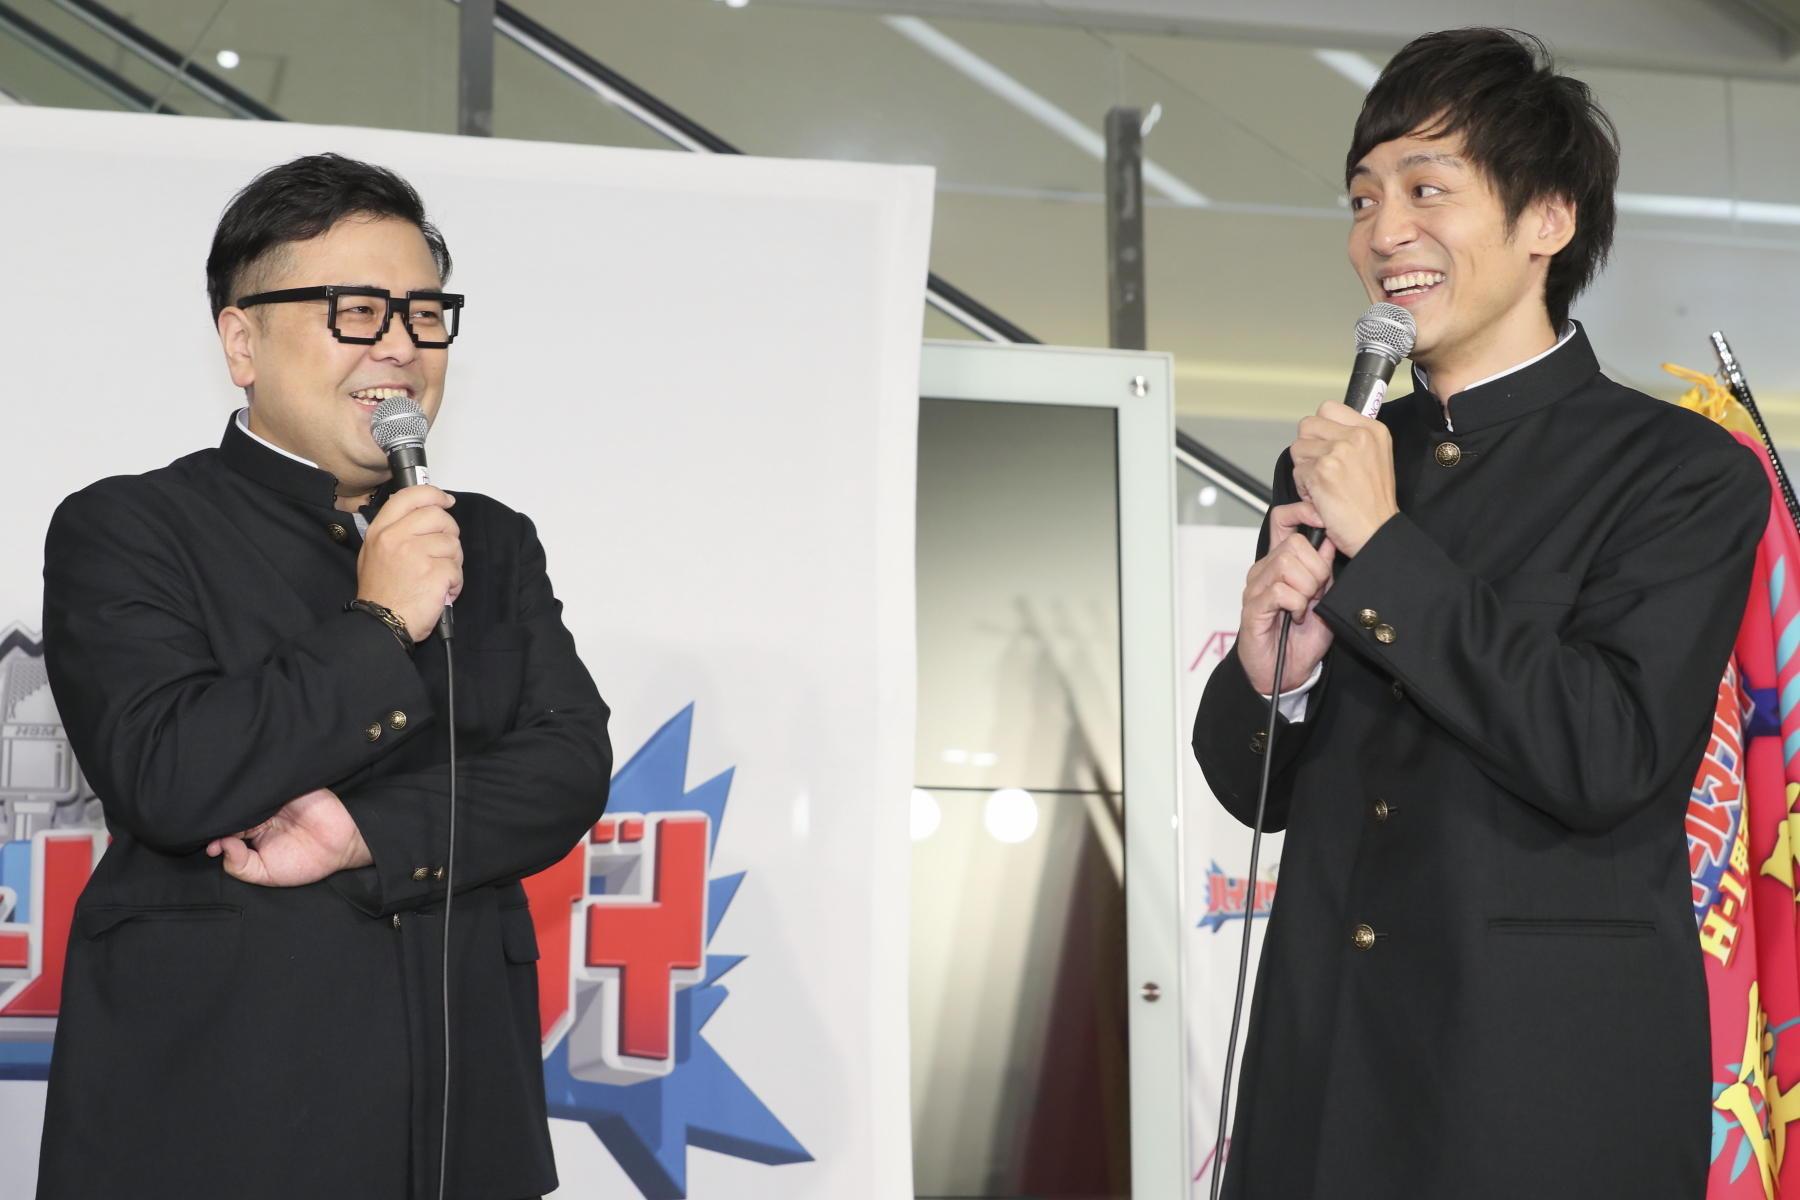 http://news.yoshimoto.co.jp/20180510215304-4d5956d39480413fca99e7eede4e240254b33914.jpg